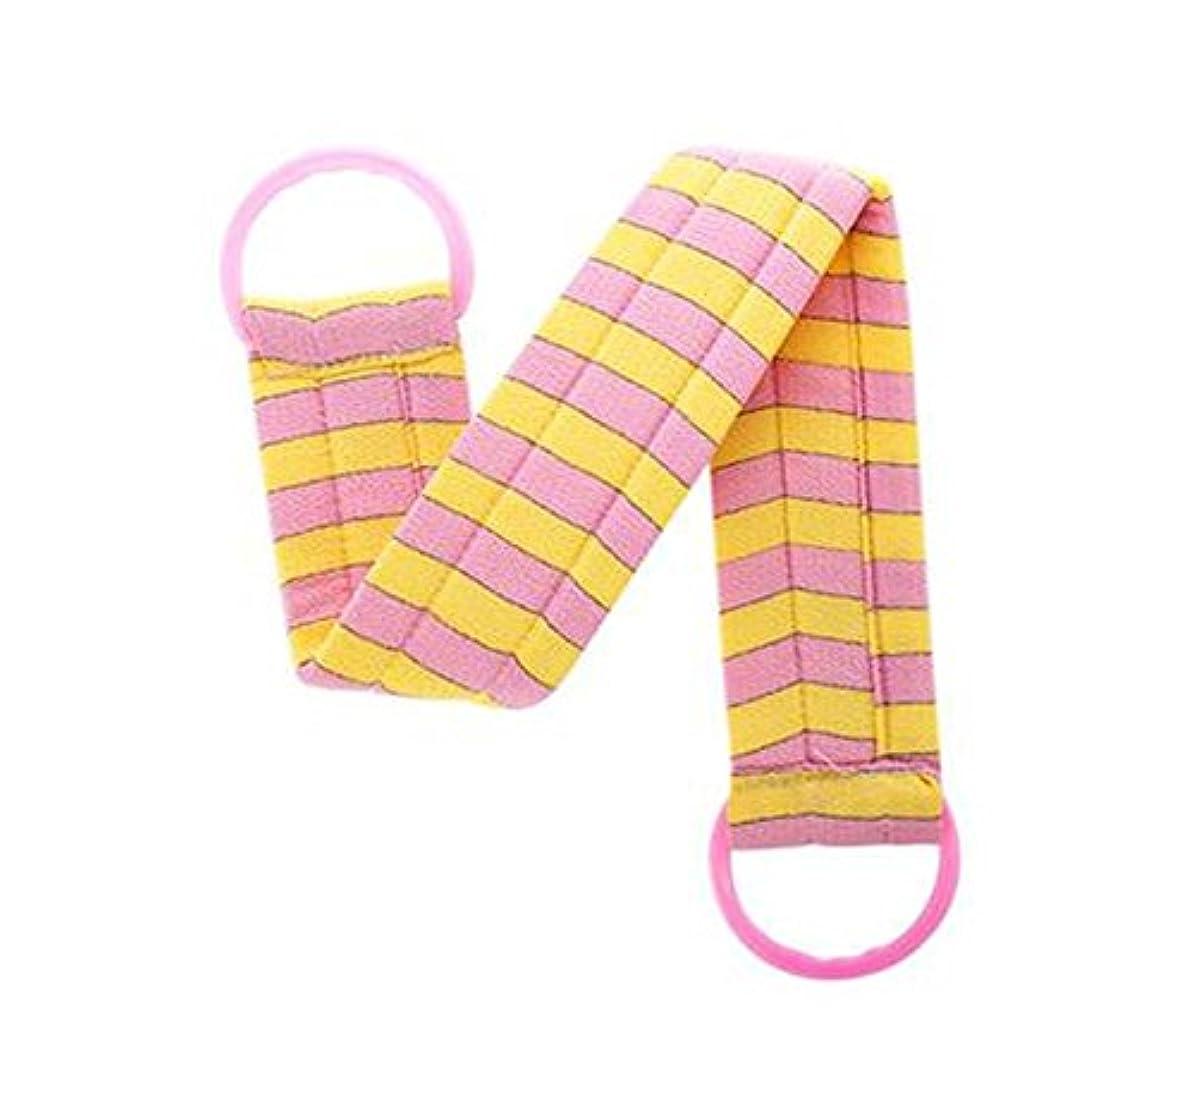 自発的コミュニケーション伝説2部分のボディクリーニングのバスベルトタオルの剥離のバスベルト、ピンクの黄色